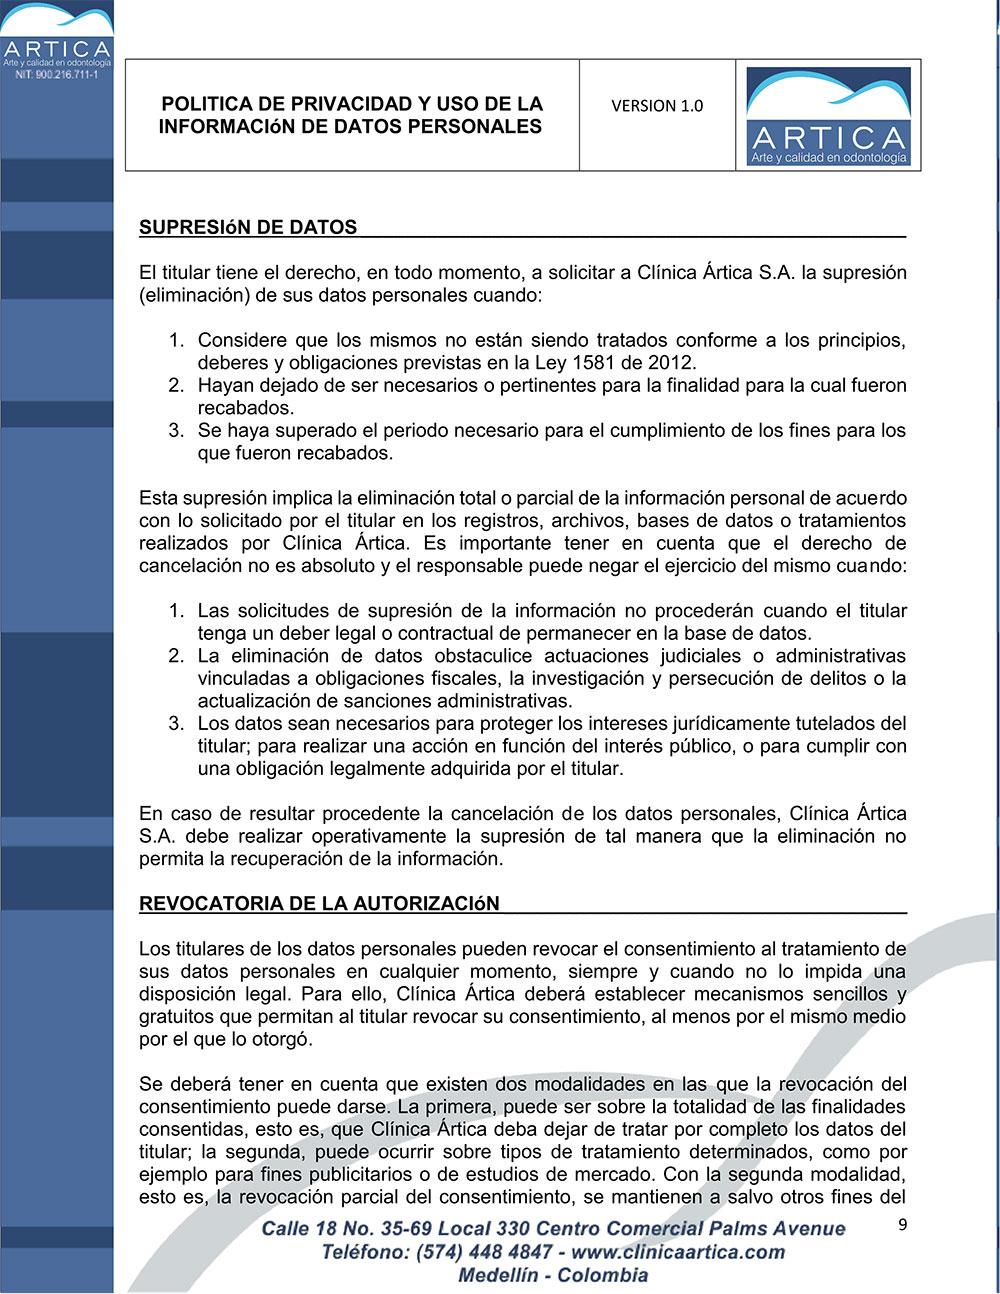 politica-de-privacidad-y-uso-de-datos-personales-clinica-artica-9